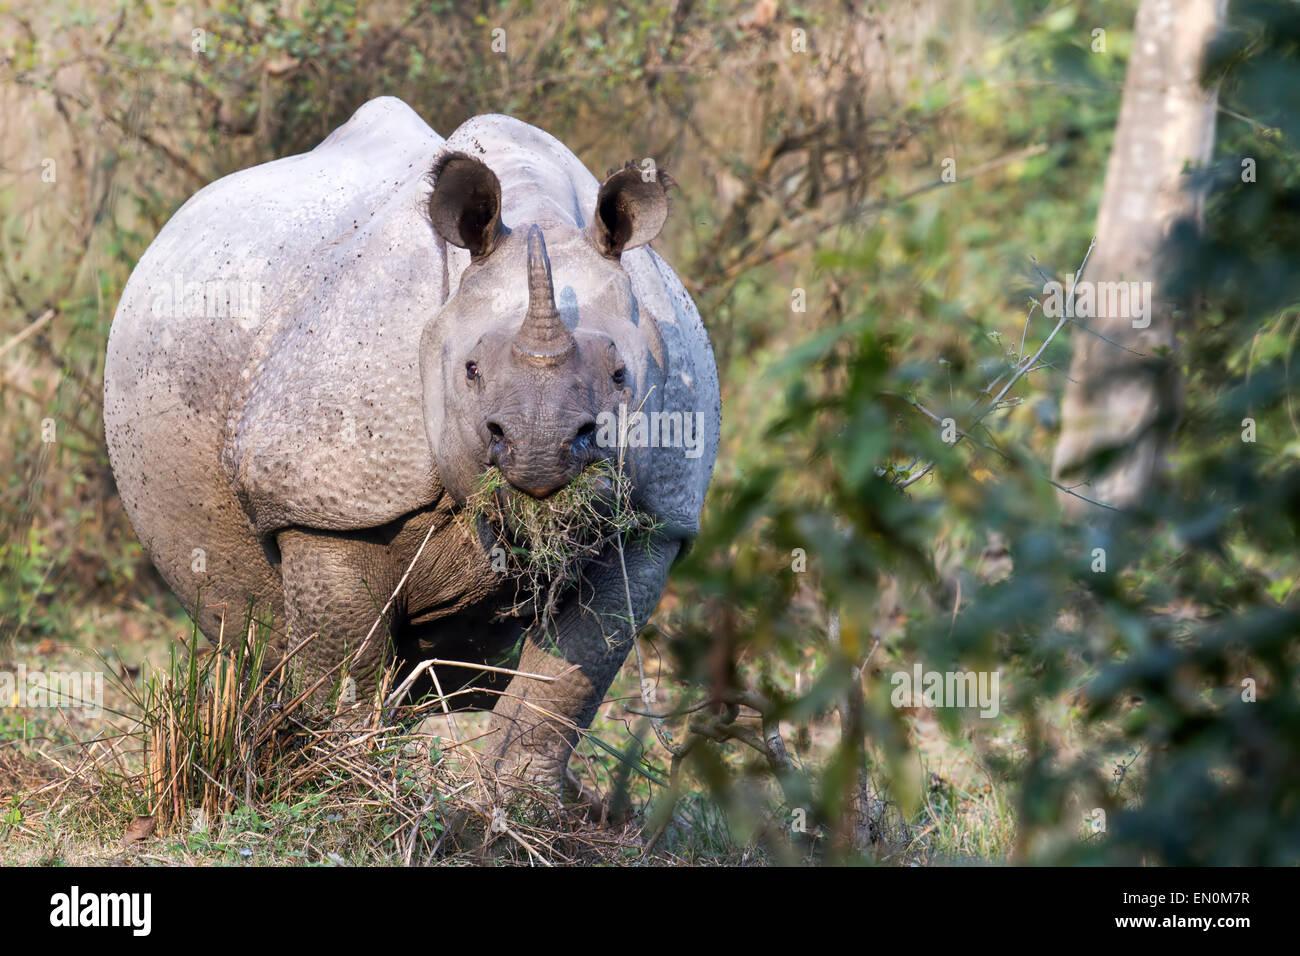 Endangered One Horned Rhinoceros or Rhinoceros unicornis at Kaziranga National Park, Assam, India - Stock Image